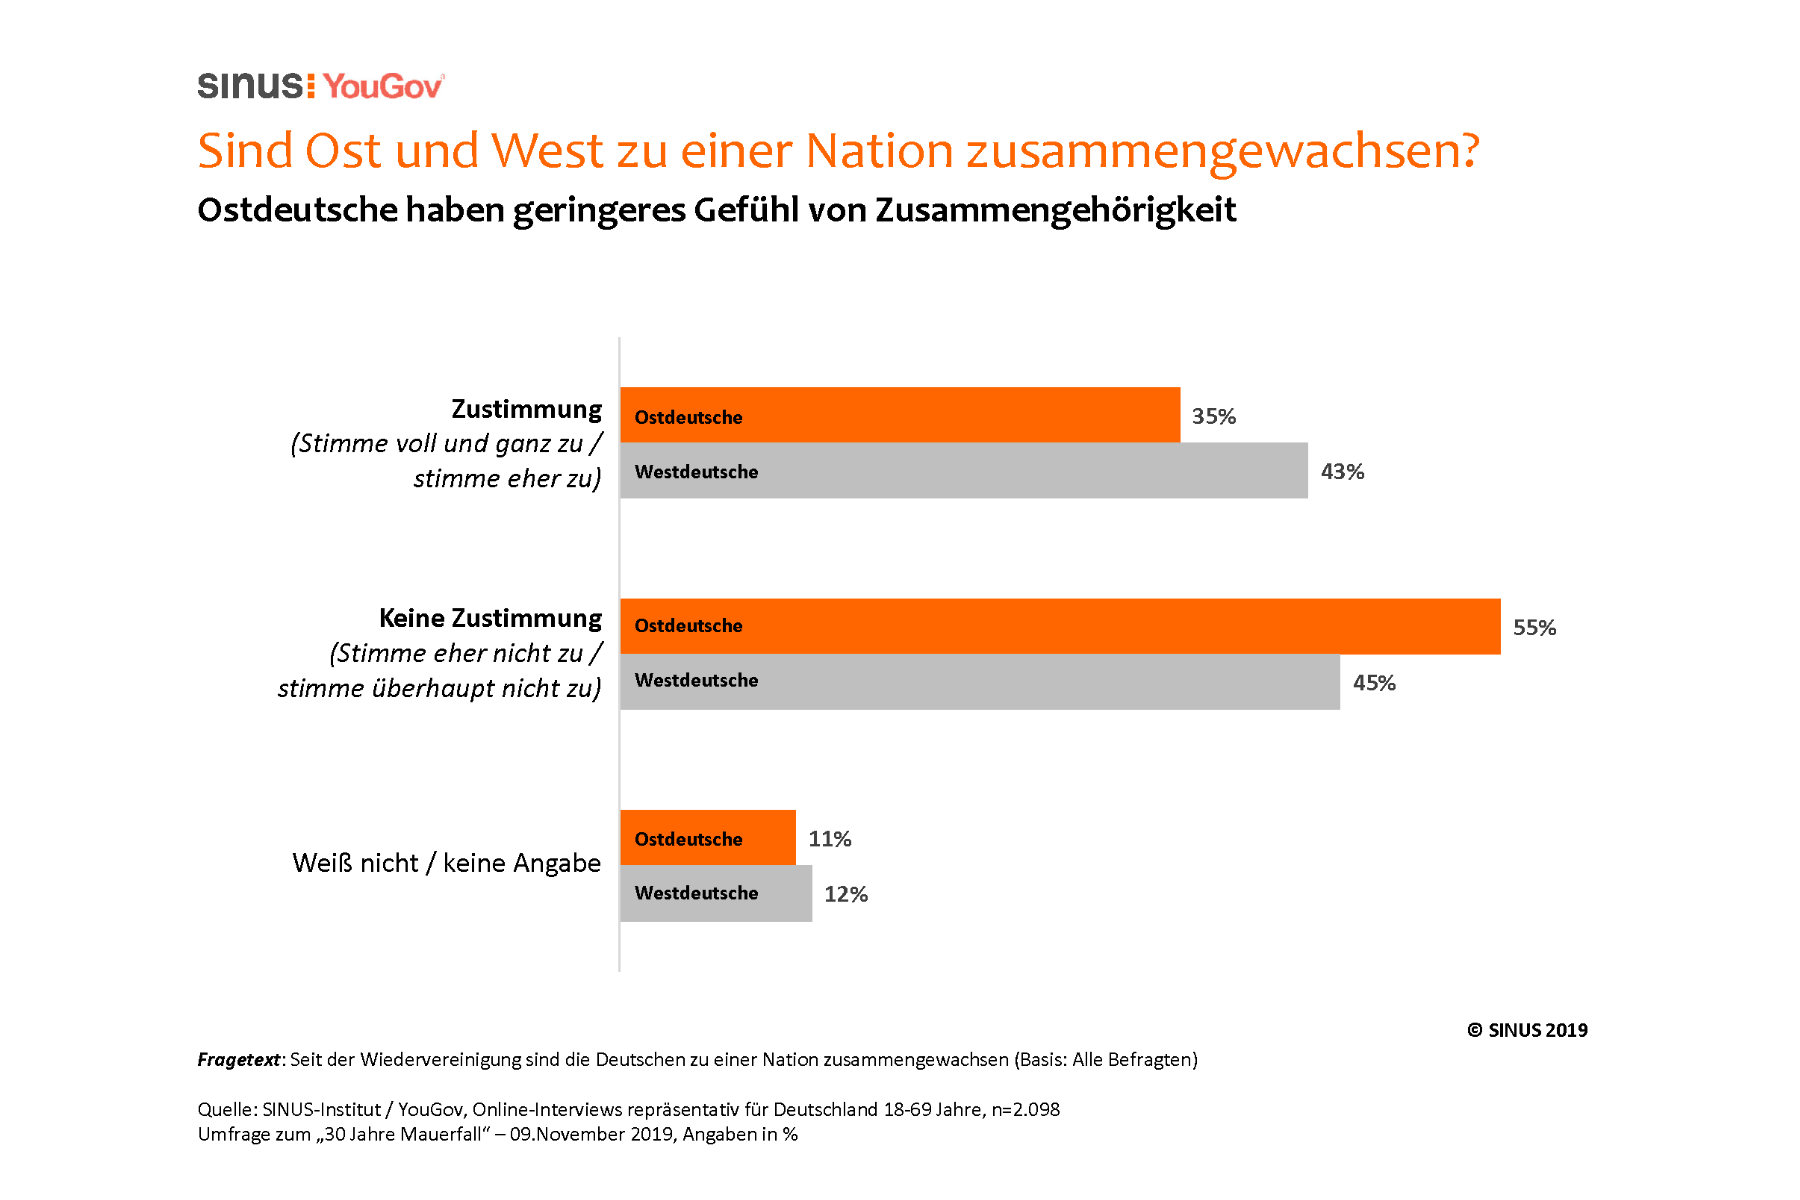 Deutsche bewerten Mauerfall und Wiedervereinigung positiv – Große Ost-West-Unterschiede